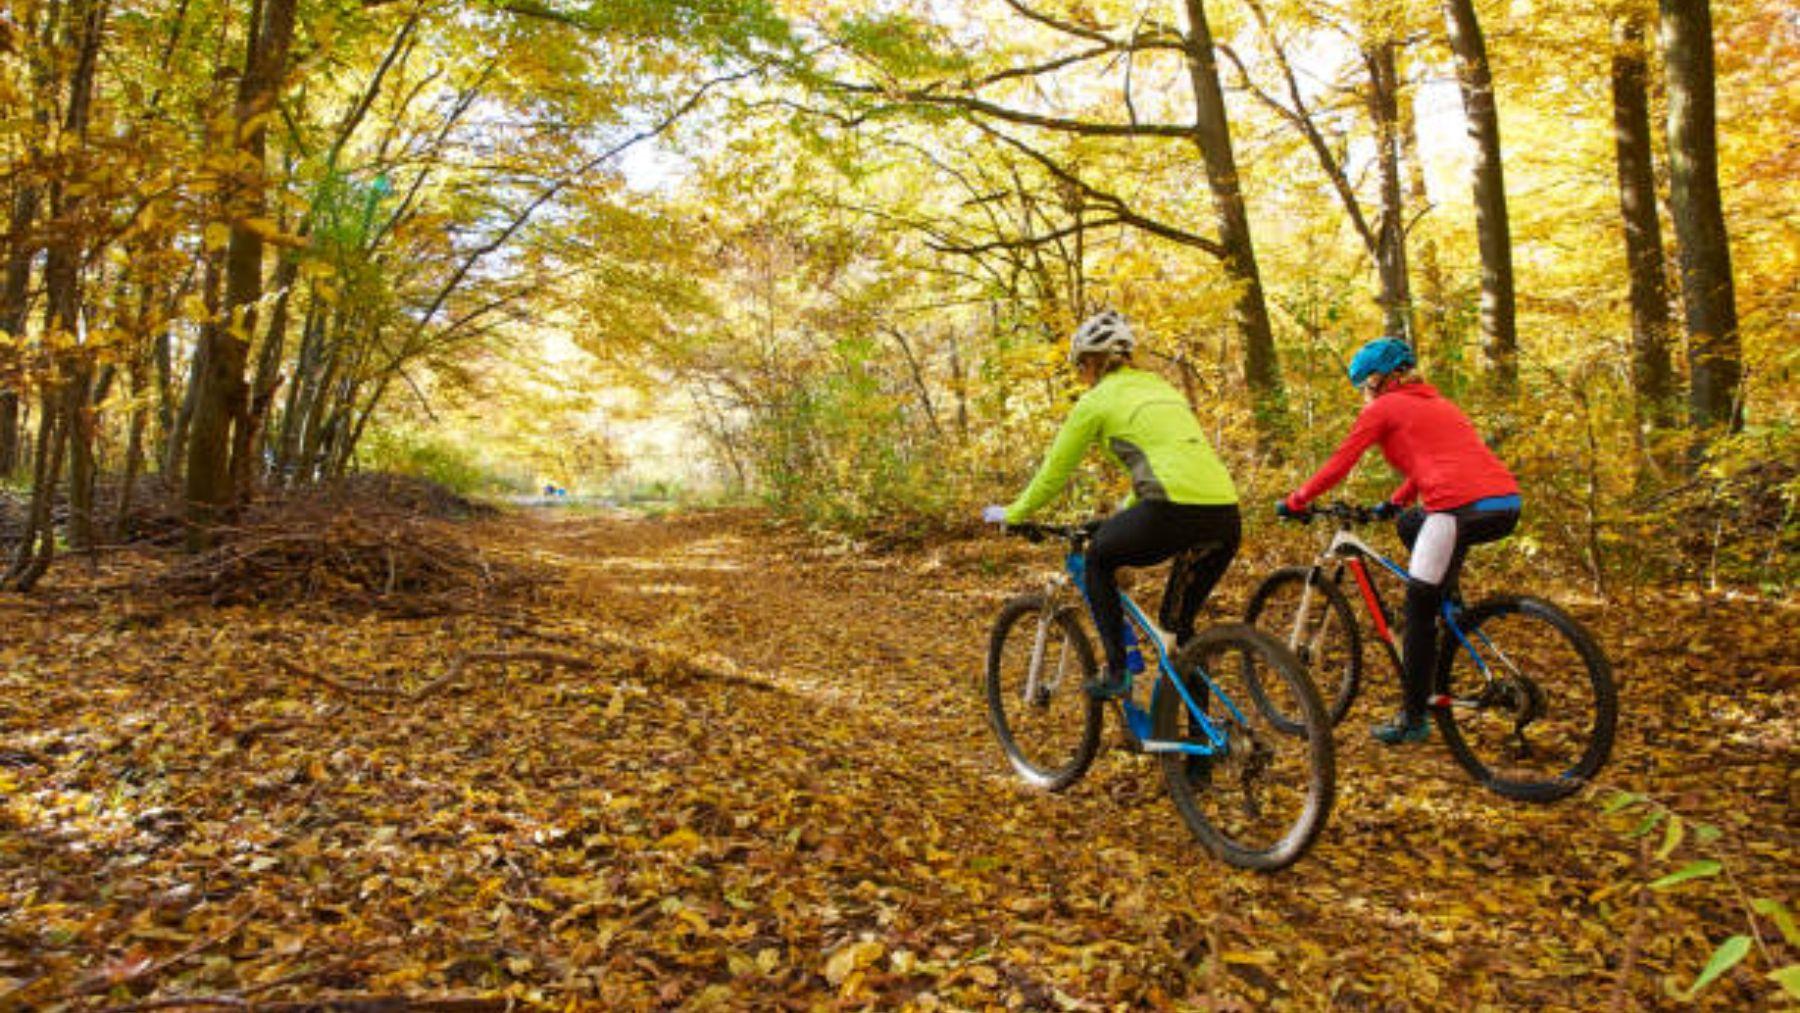 Pautas para gestionar bien el tiempo libre en otoño